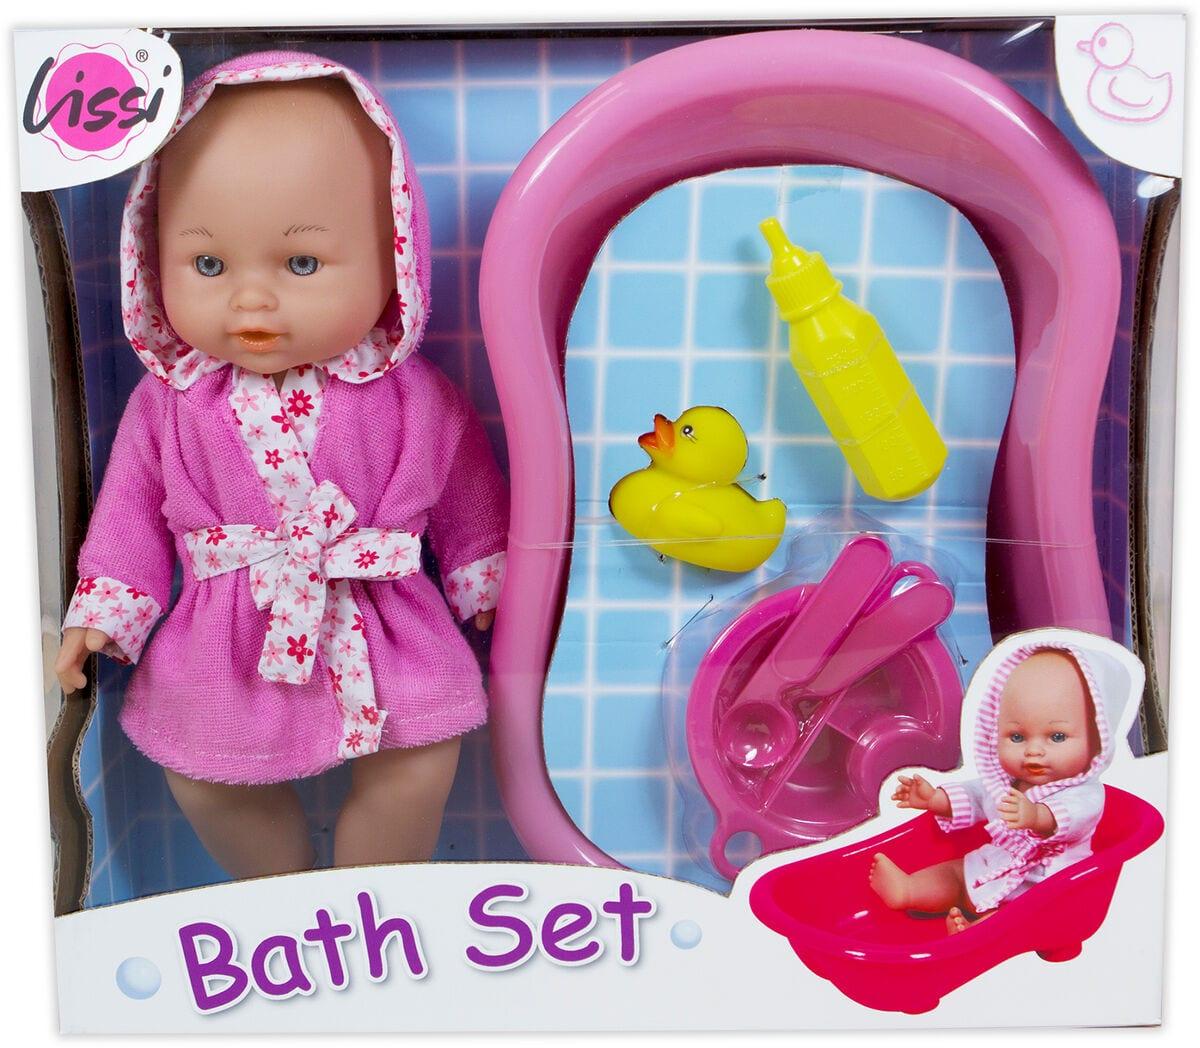 Lissi Dolls Baby mit Badewanne Puppenset